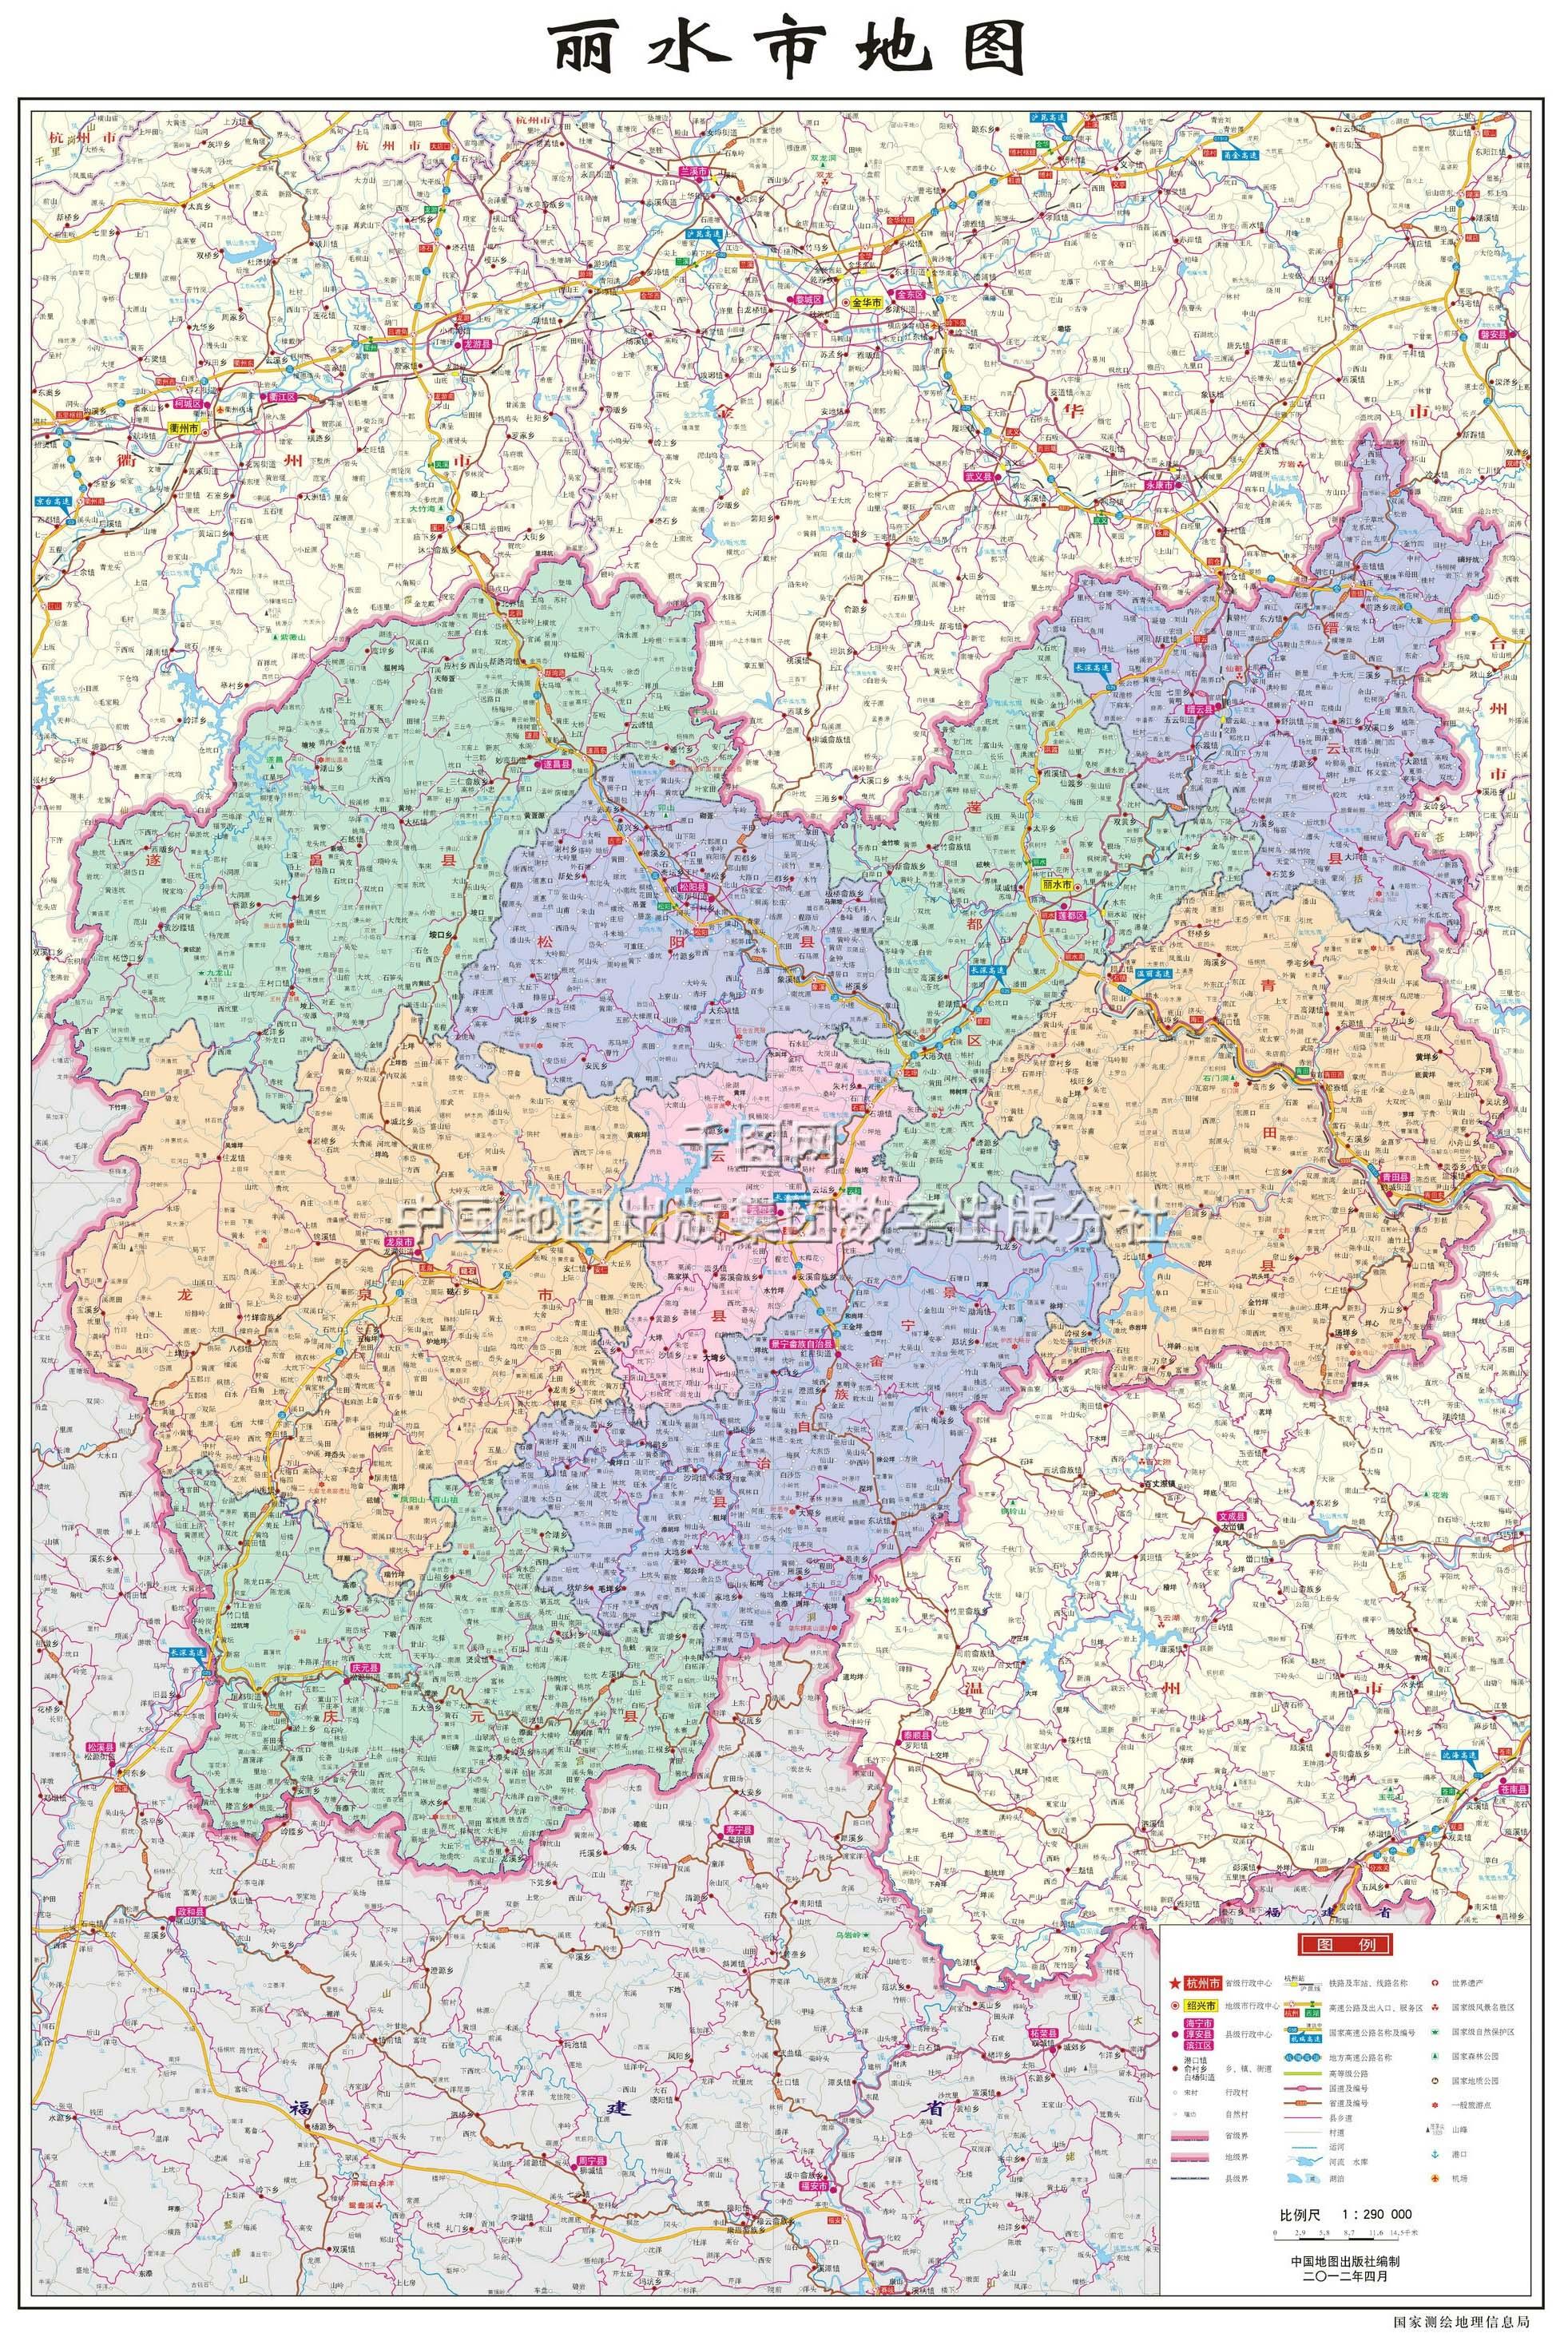 丽水市地图高清版